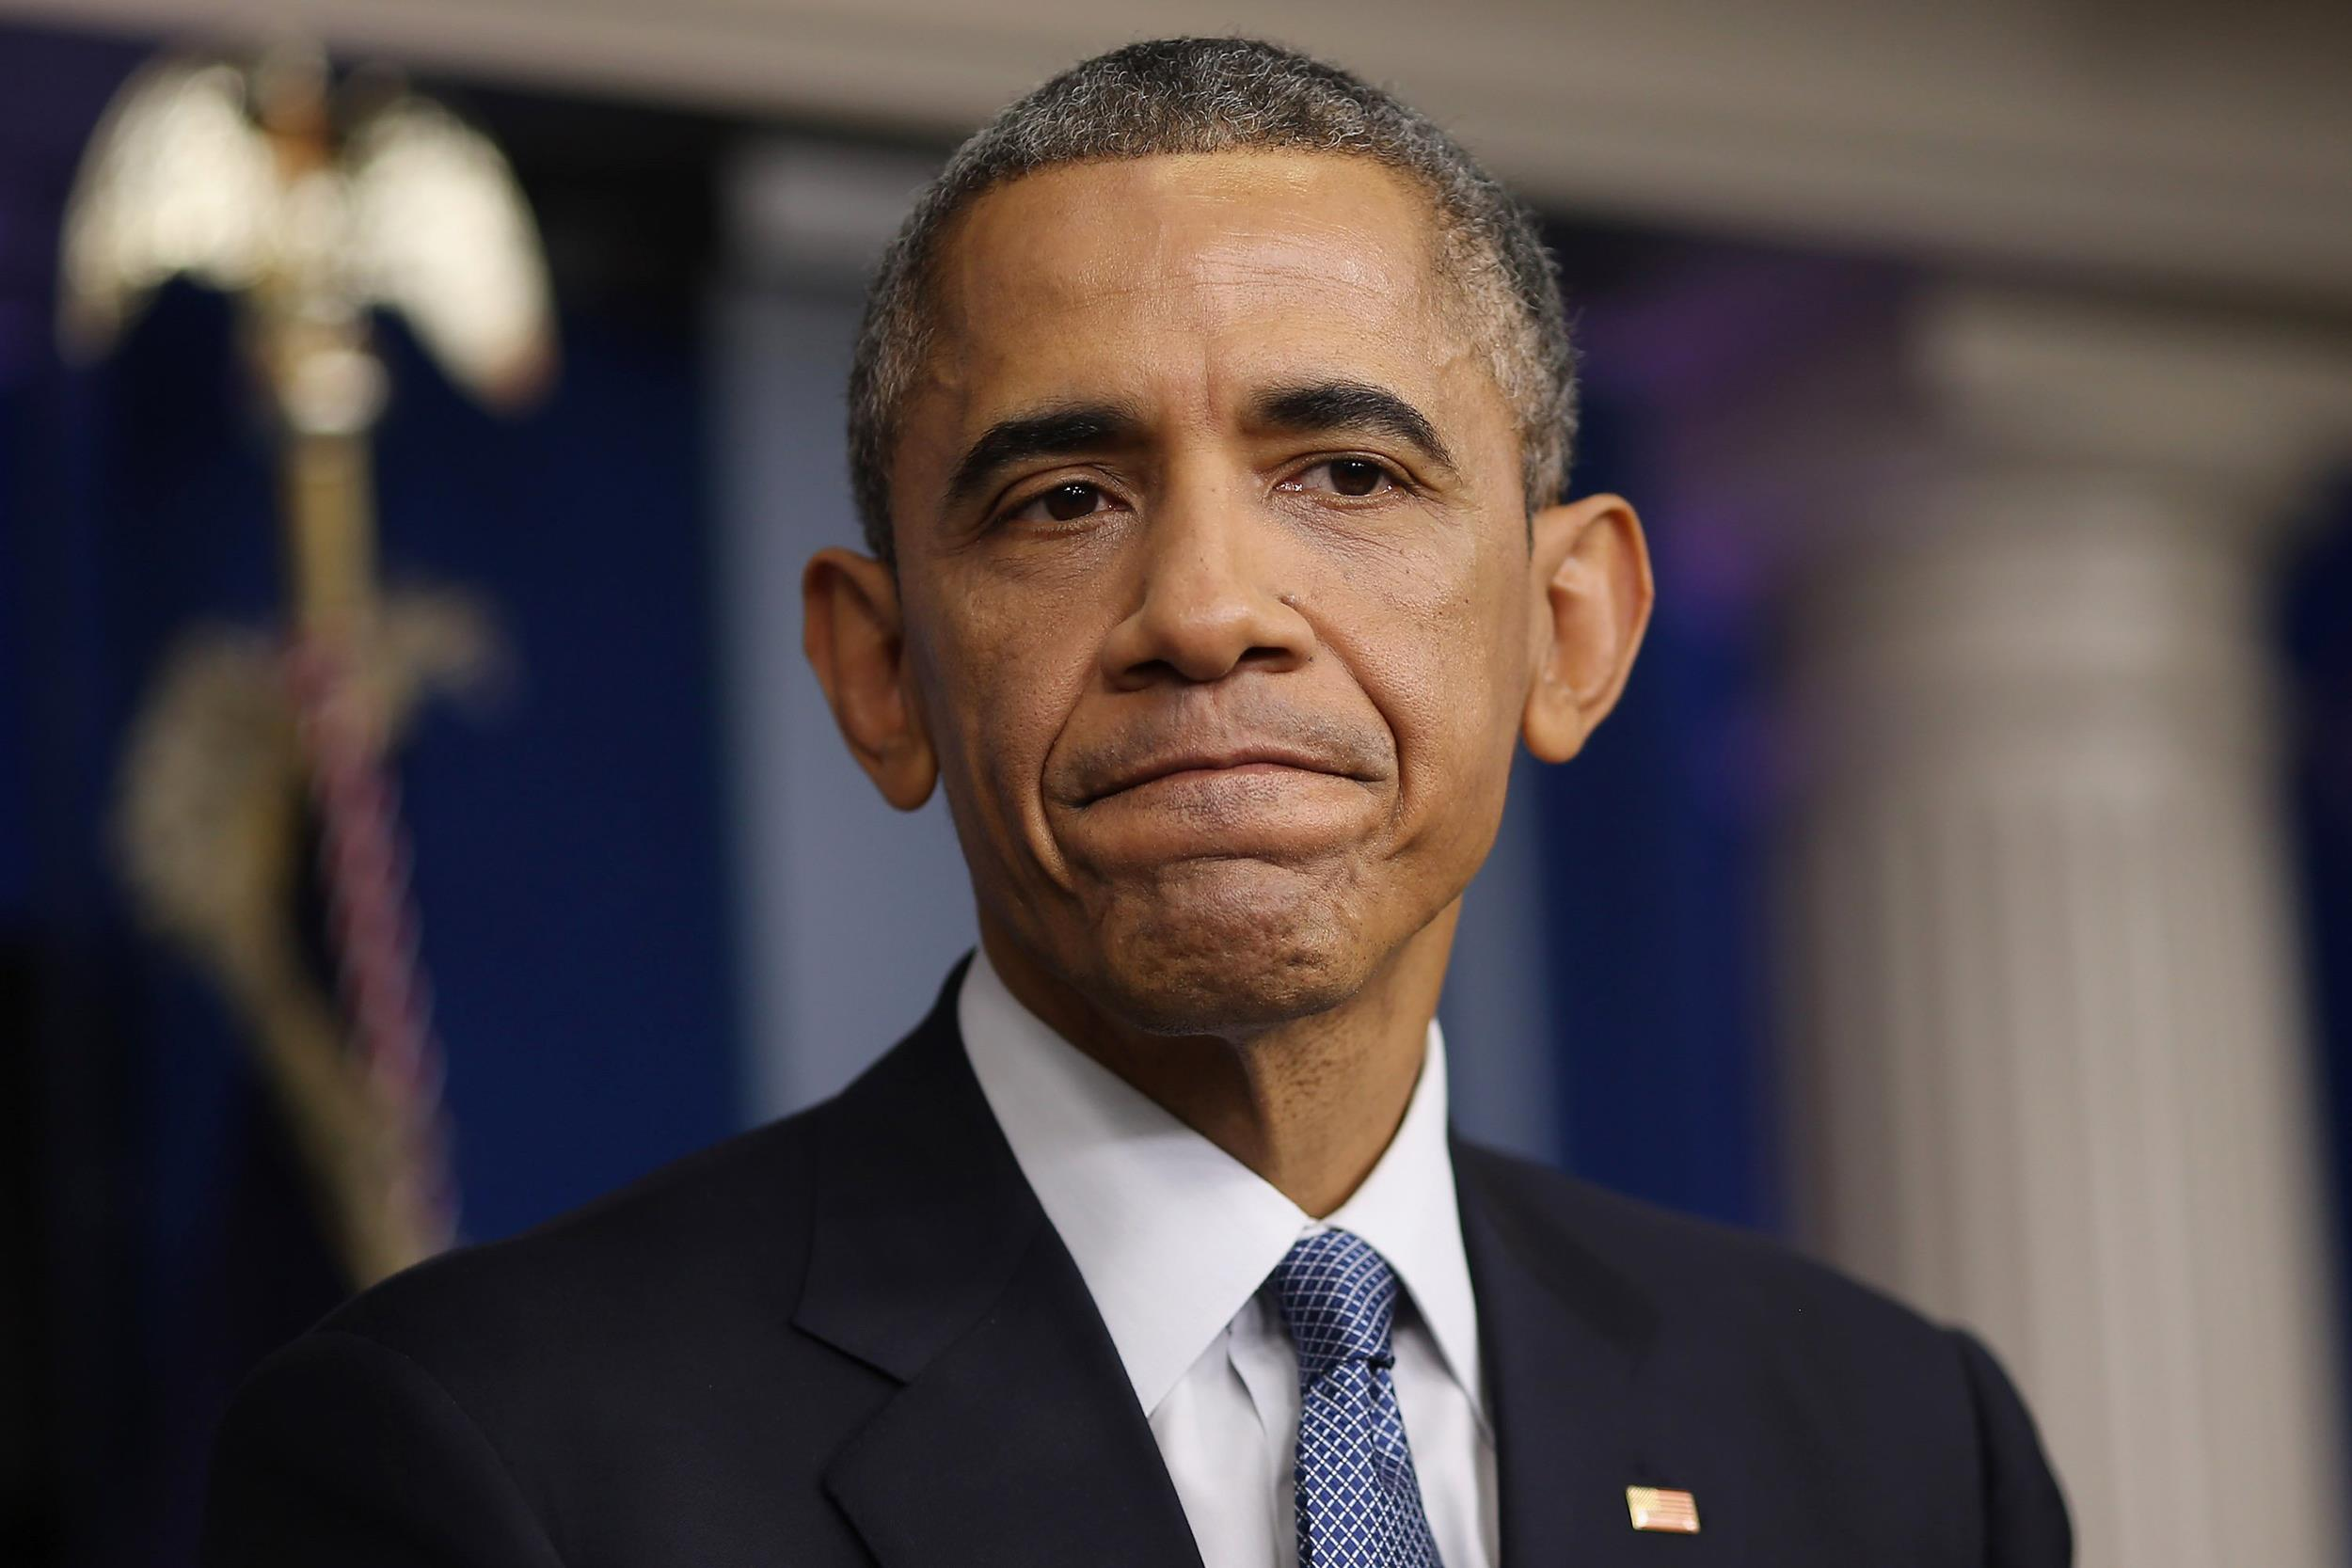 Obamovo pôsobenie vo funkcii prezidenta Spojených štátov počas dvoch volebných období je fiaskom tak v domácej, ako aj v zahraničnej politike. Dôsledné reformy, ktoré sľúbil Američanom, zostali sľubmi. Na domácej pôde je kritizovaný najmä za nezvládnutú reformu zdravotníctva, za katastrofálnu považujú Obamovi kritici aj migračnú politiku pod jeho vedením. Na popularite mu nepridal ani aktuálny škandál s odpočúvaním európskych lídrov za pomoci americkej tajnej služby. Za Obamovho pôsobenia USA vedome zhoršujú vzťahy medzi Európou a Ruskom, prinútili EÚ k nezmyselnym sankciám voči Rusku, ktoré štáty EÚ poškodzujú, agresiami na Blízkom Východe a v Afrike spôsobili na starom kontinente najväčšiu migračnú krízu od skončenia 2. svetovej vojny. (Foto: archív)